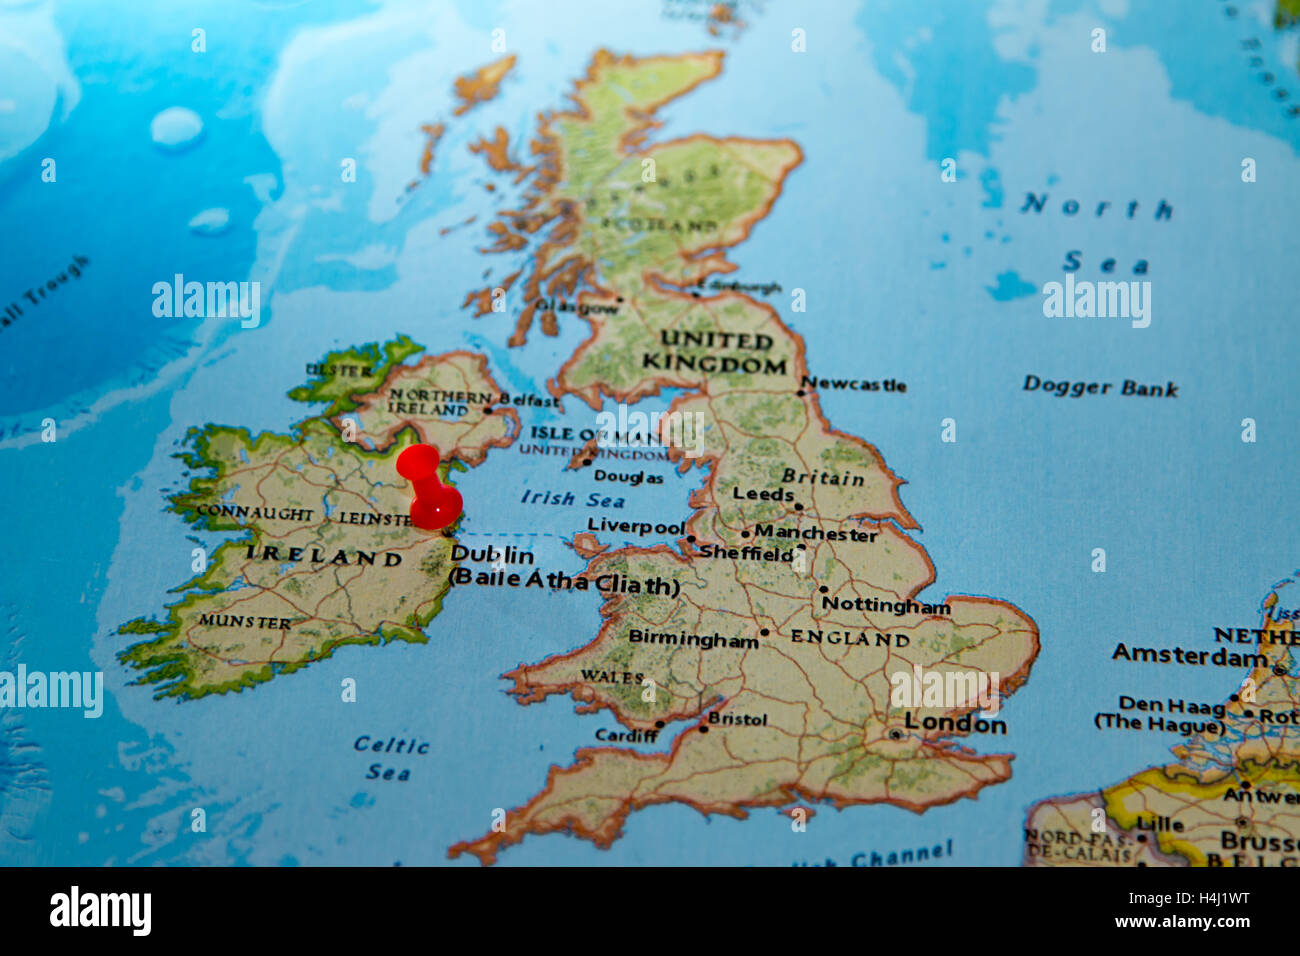 dublin karte Dublin, Irland, fixiert auf einer Karte von Europa Stockfoto, Bild